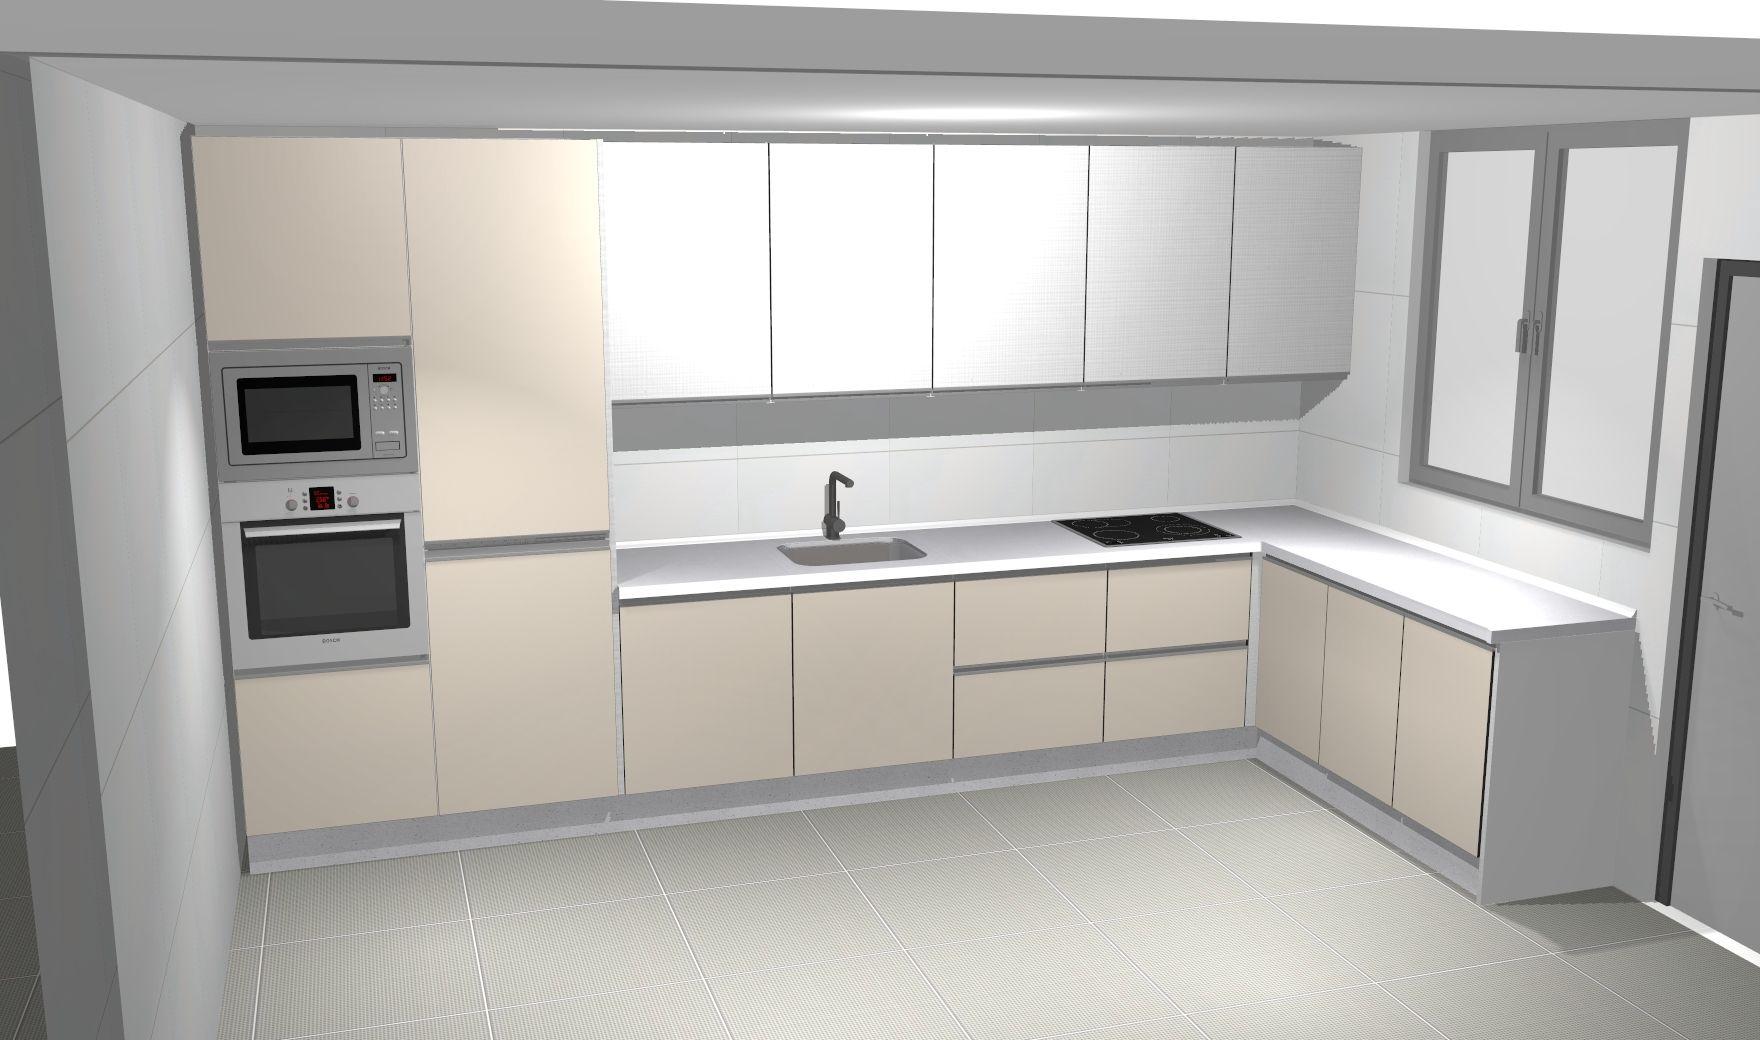 Diseño por ordenador cocina Gola Blanca Beig